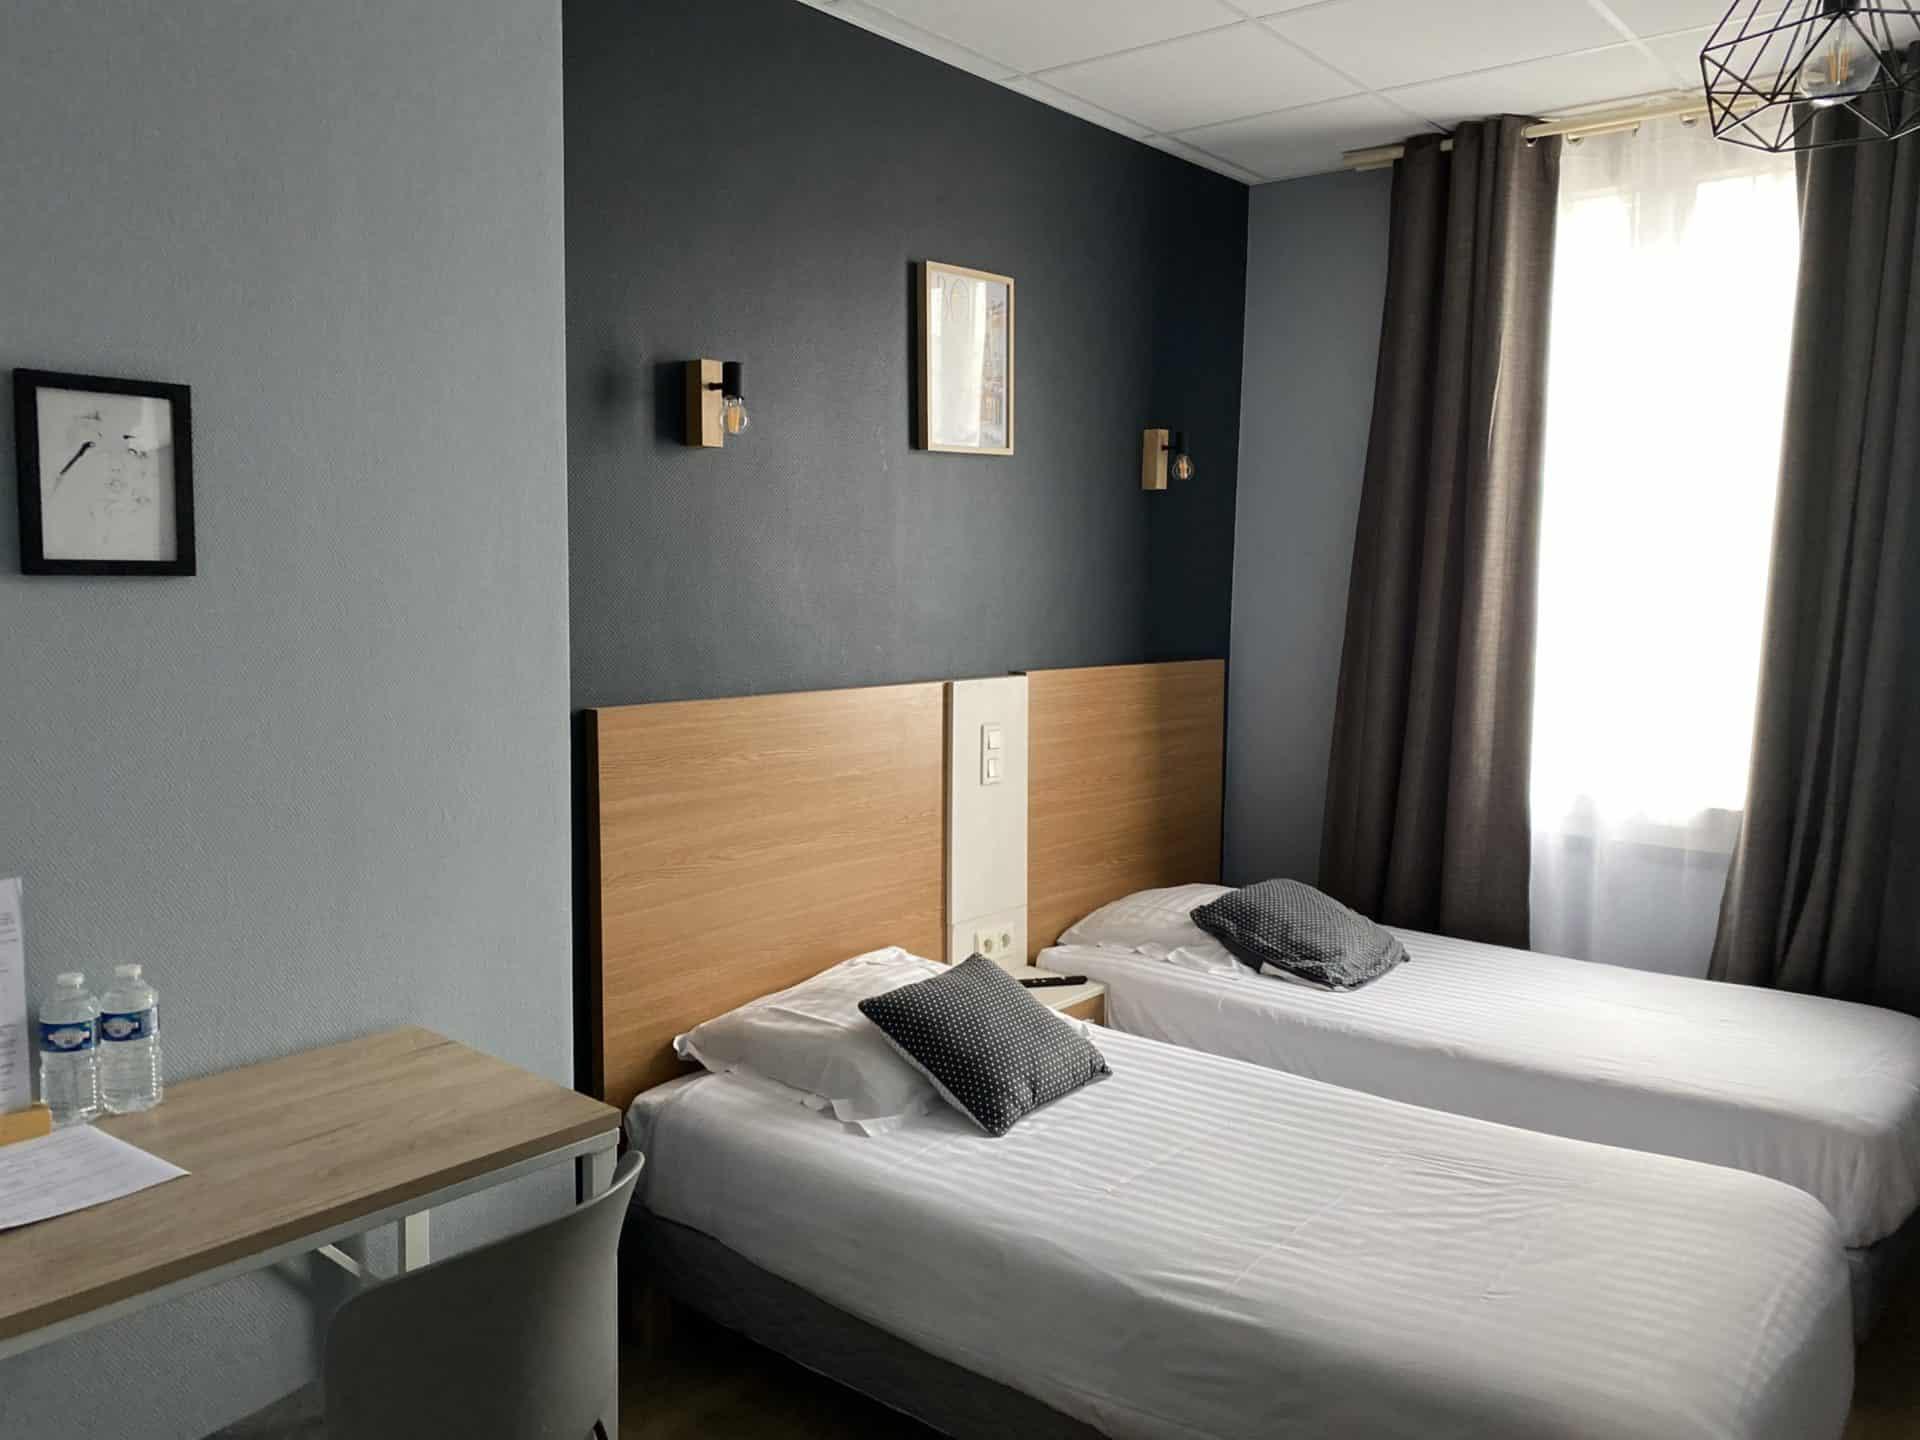 Chambre familiale 16 hotel Brive